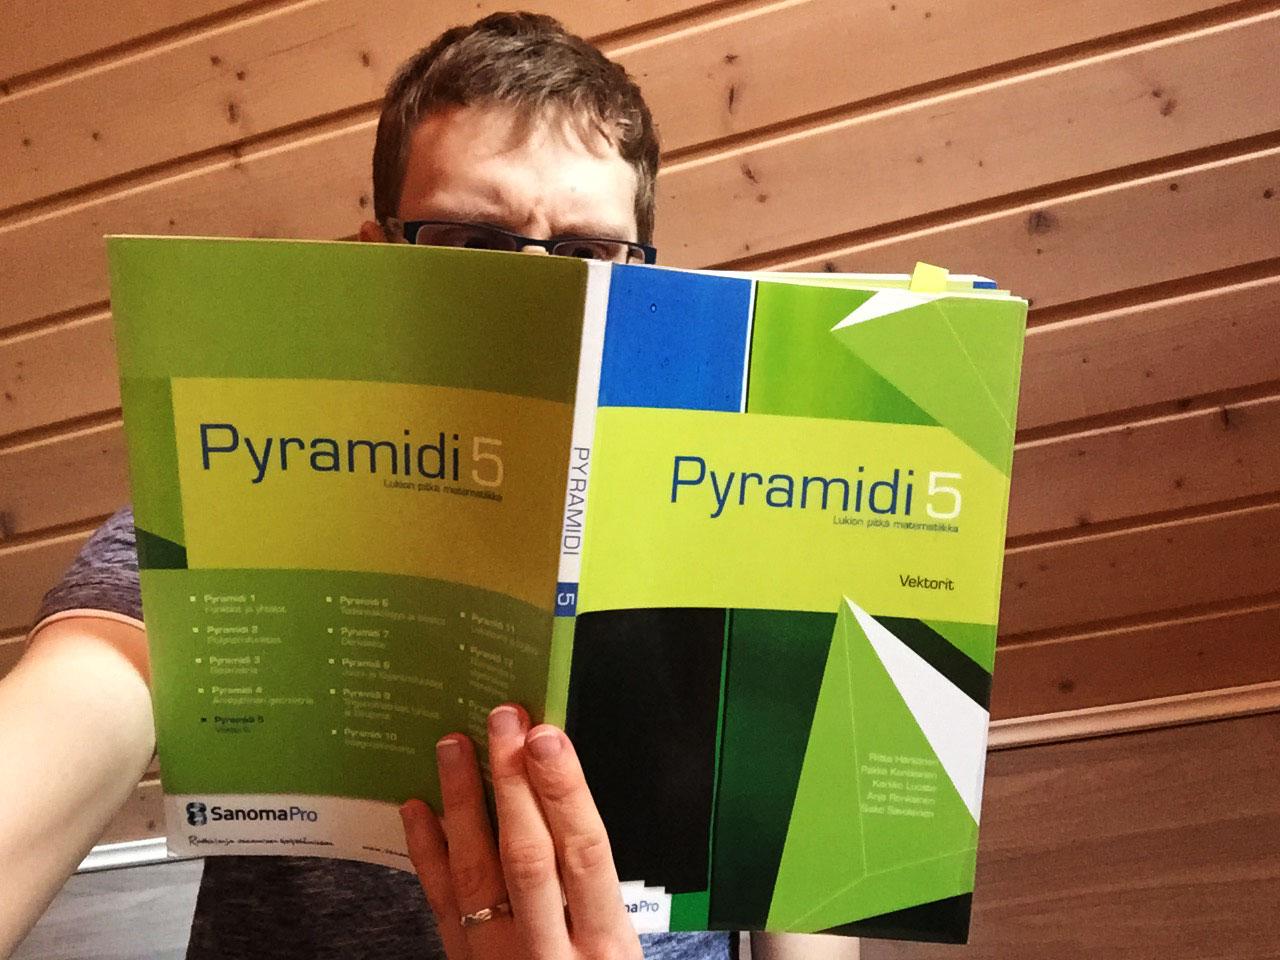 Minä lukemassa Pyramidi 5 -oppikirjaa vektoreista.